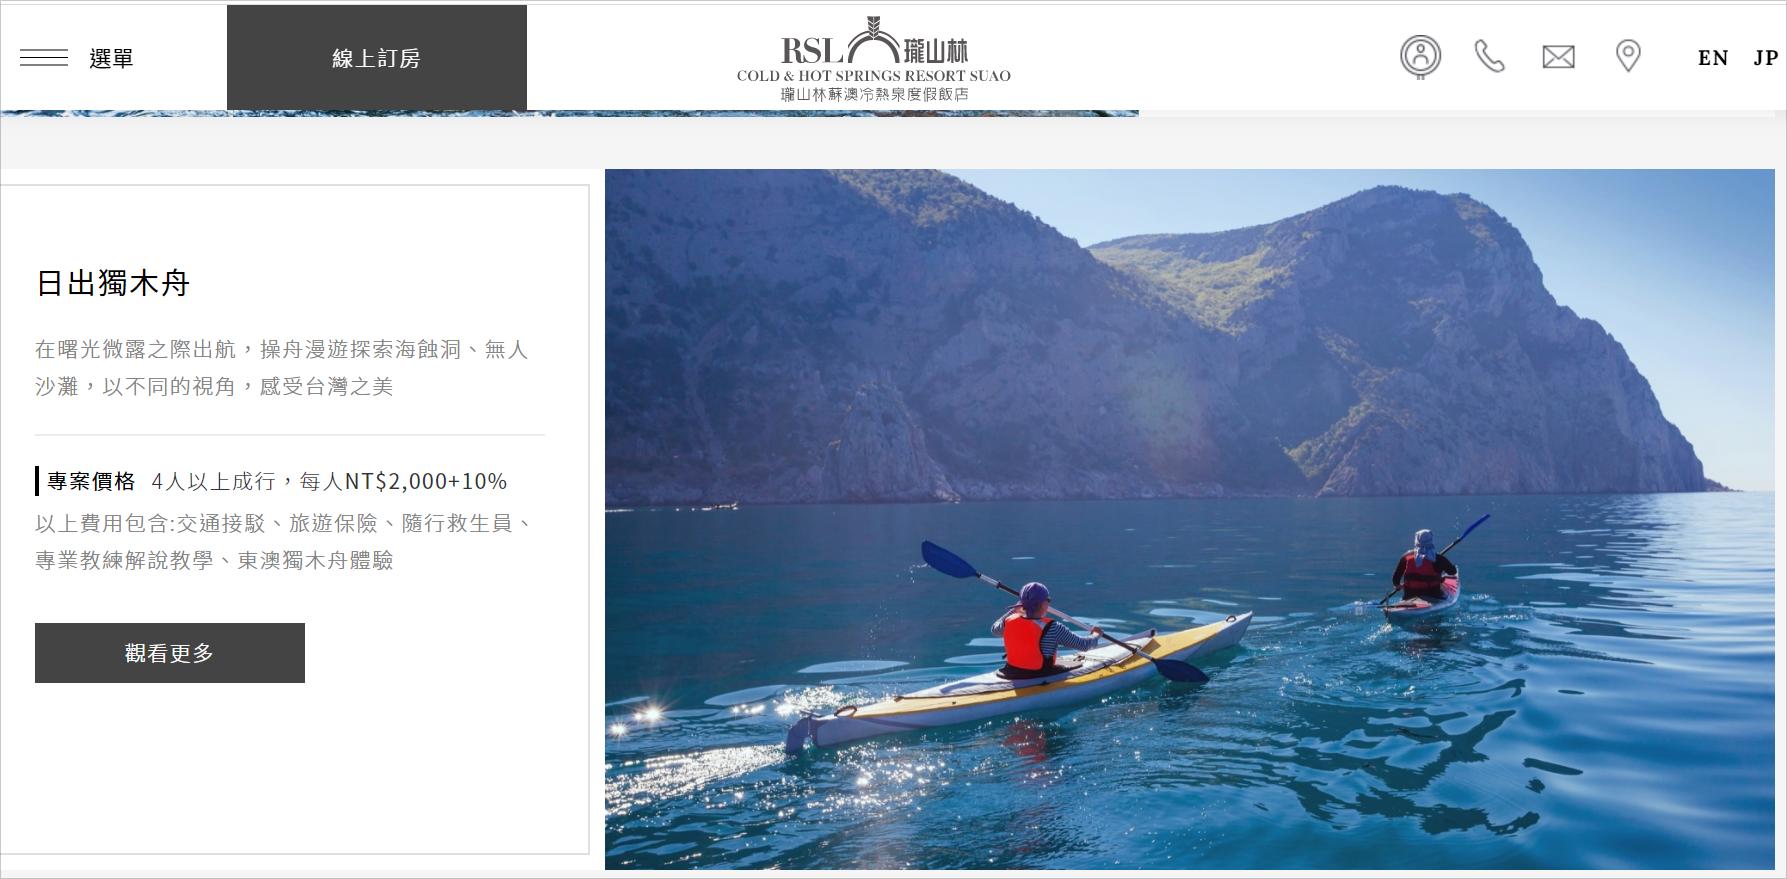 宜蘭東澳烏岩角獨木舟體驗 穿越海蝕洞、勇闖中央山脈起點